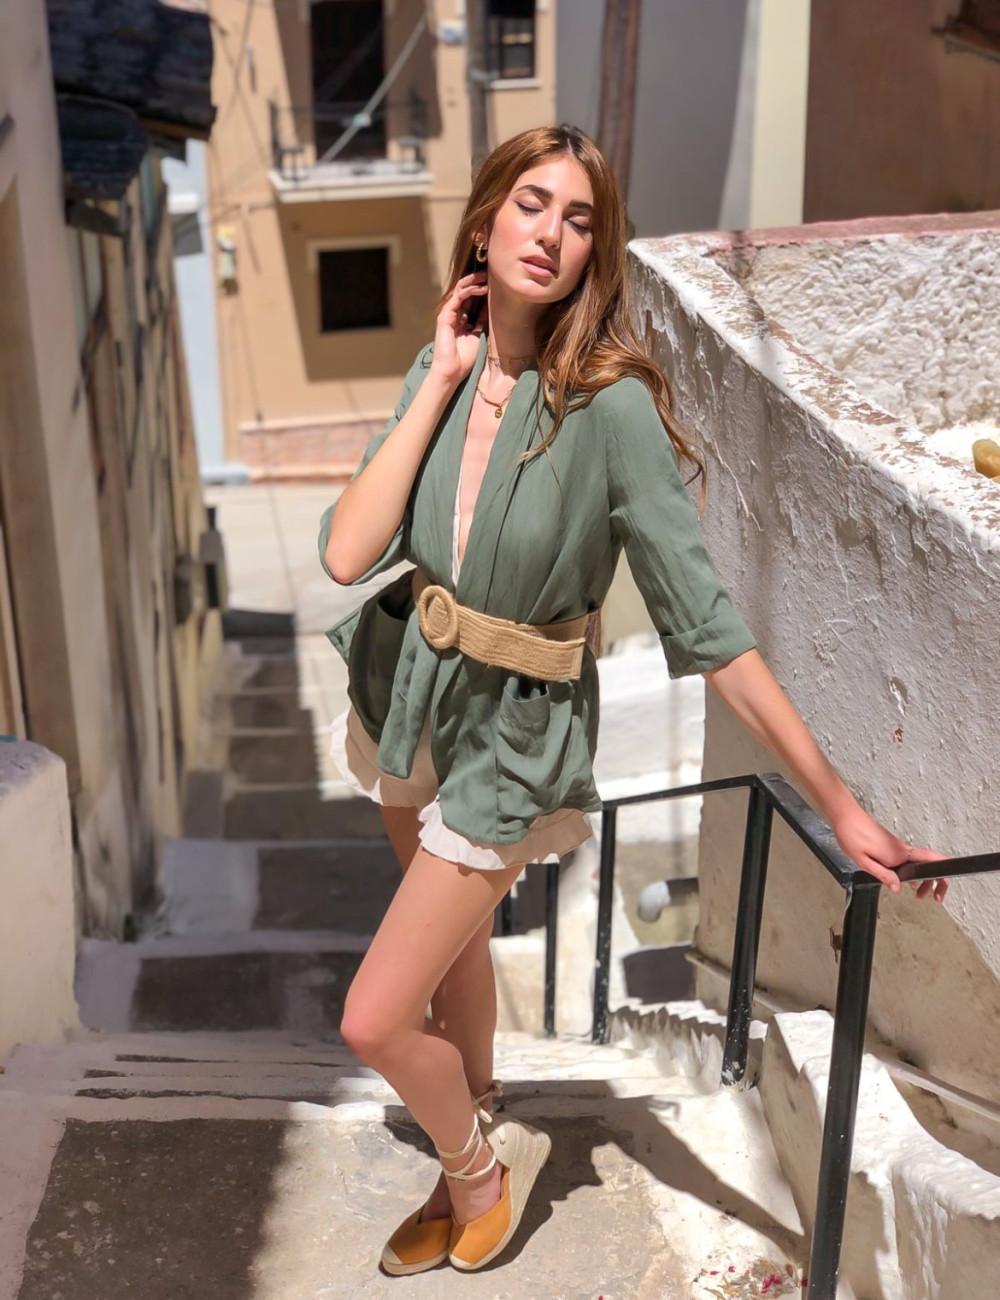 Γυναικείο χακί υφασμάτινο σακακι 786750B